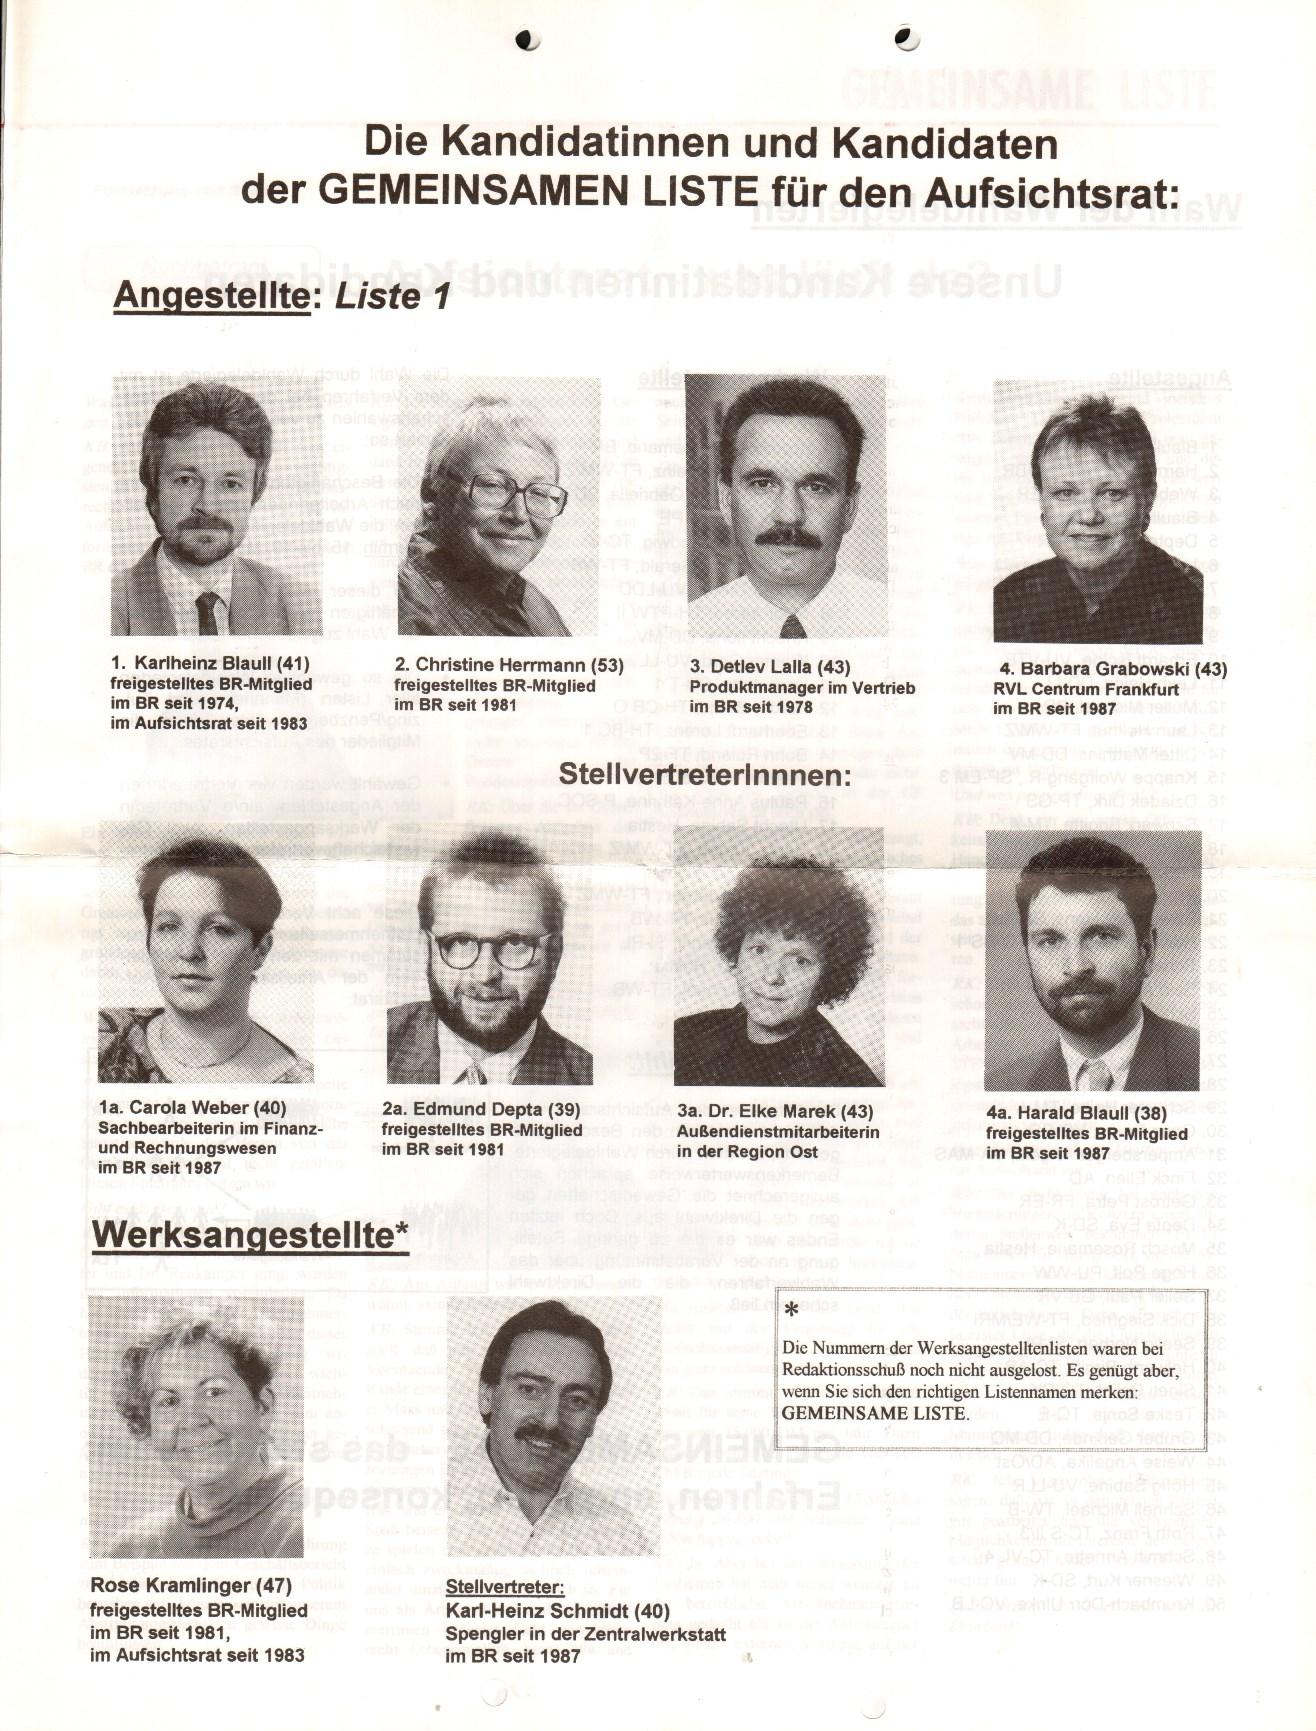 Mannheim_Boehringer_Gemeinsame_Liste_1993_01_03